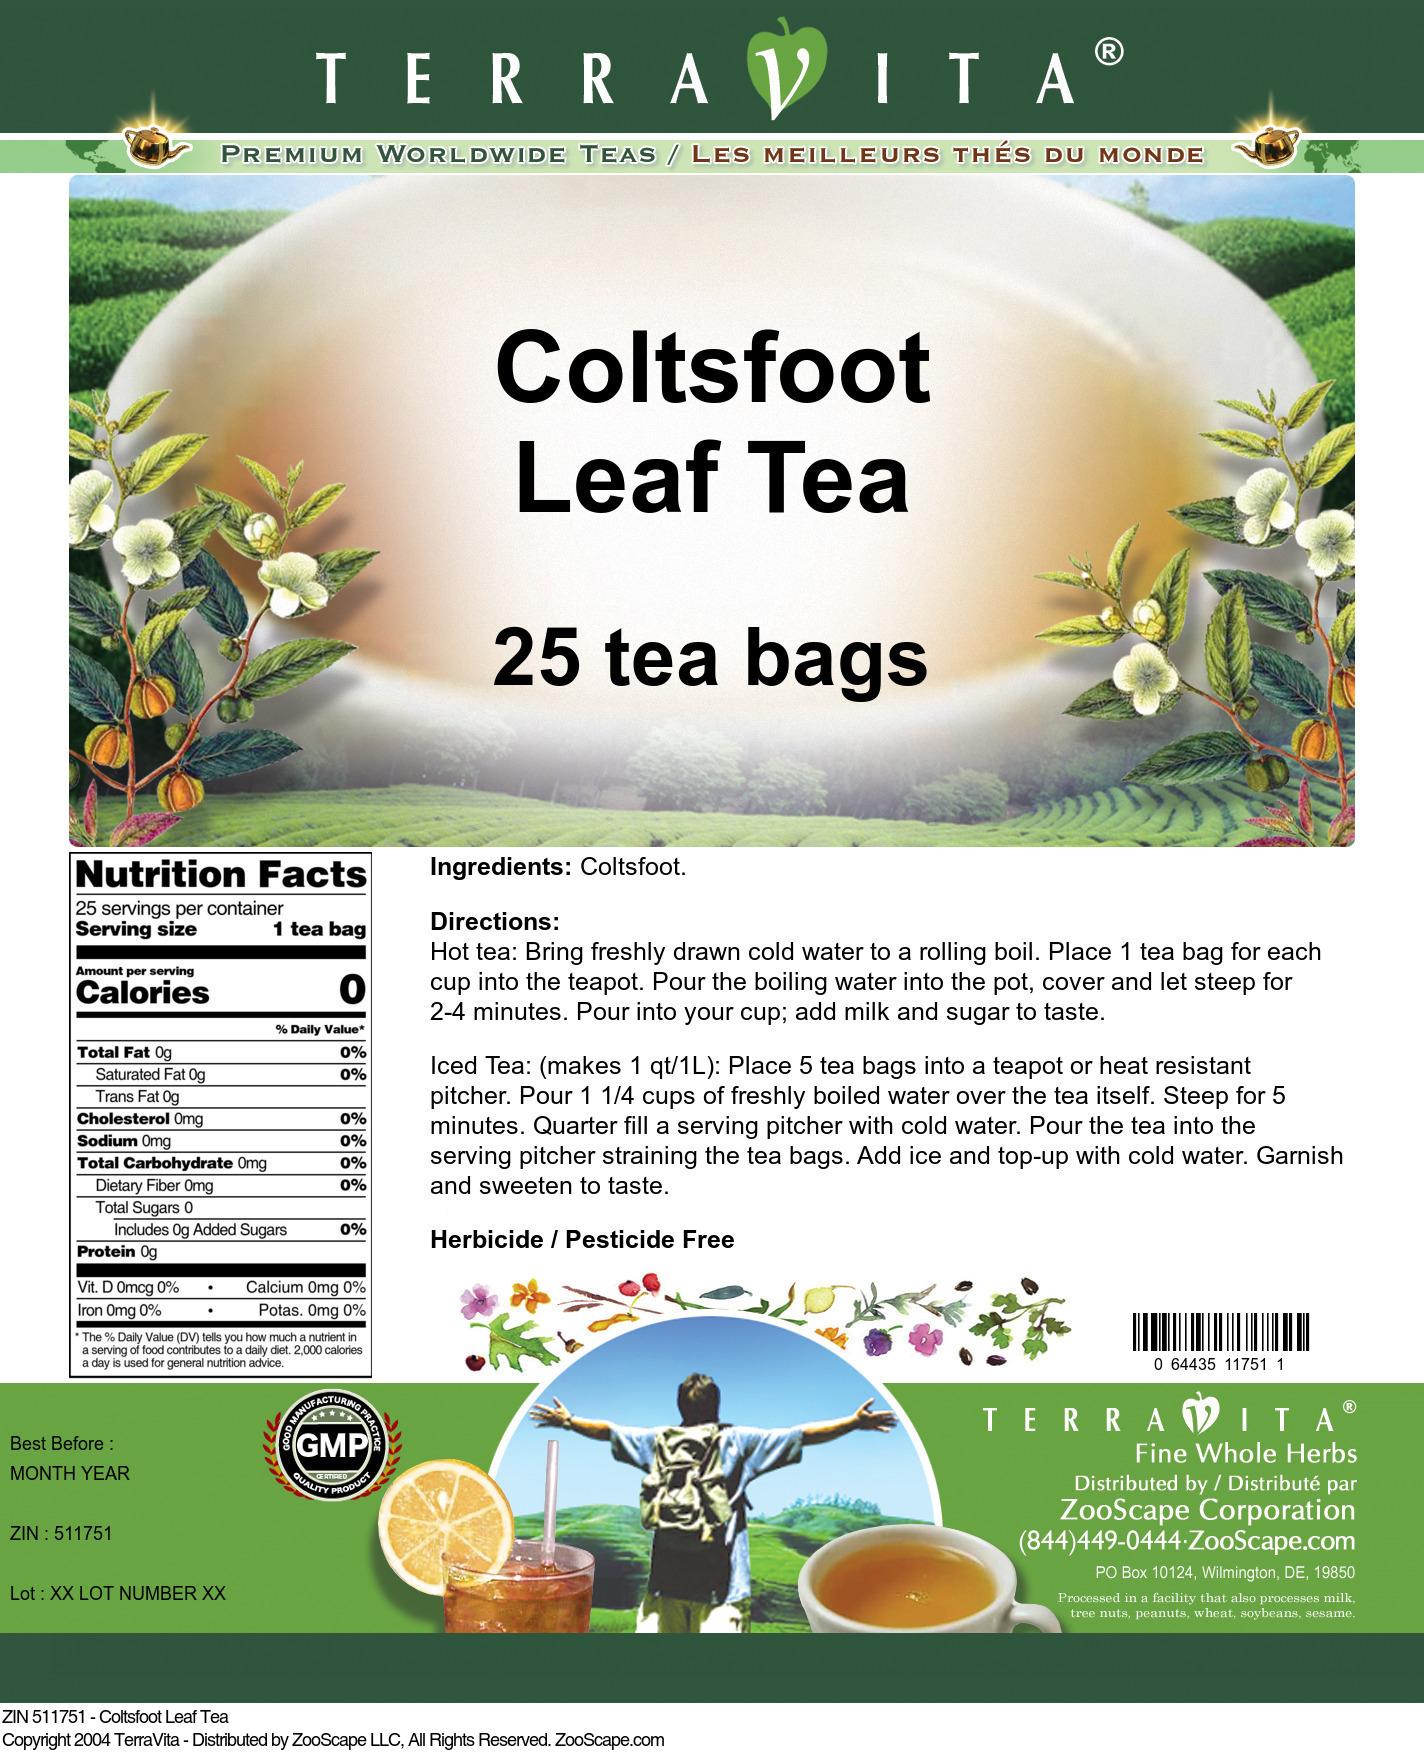 Coltsfoot Leaf Tea